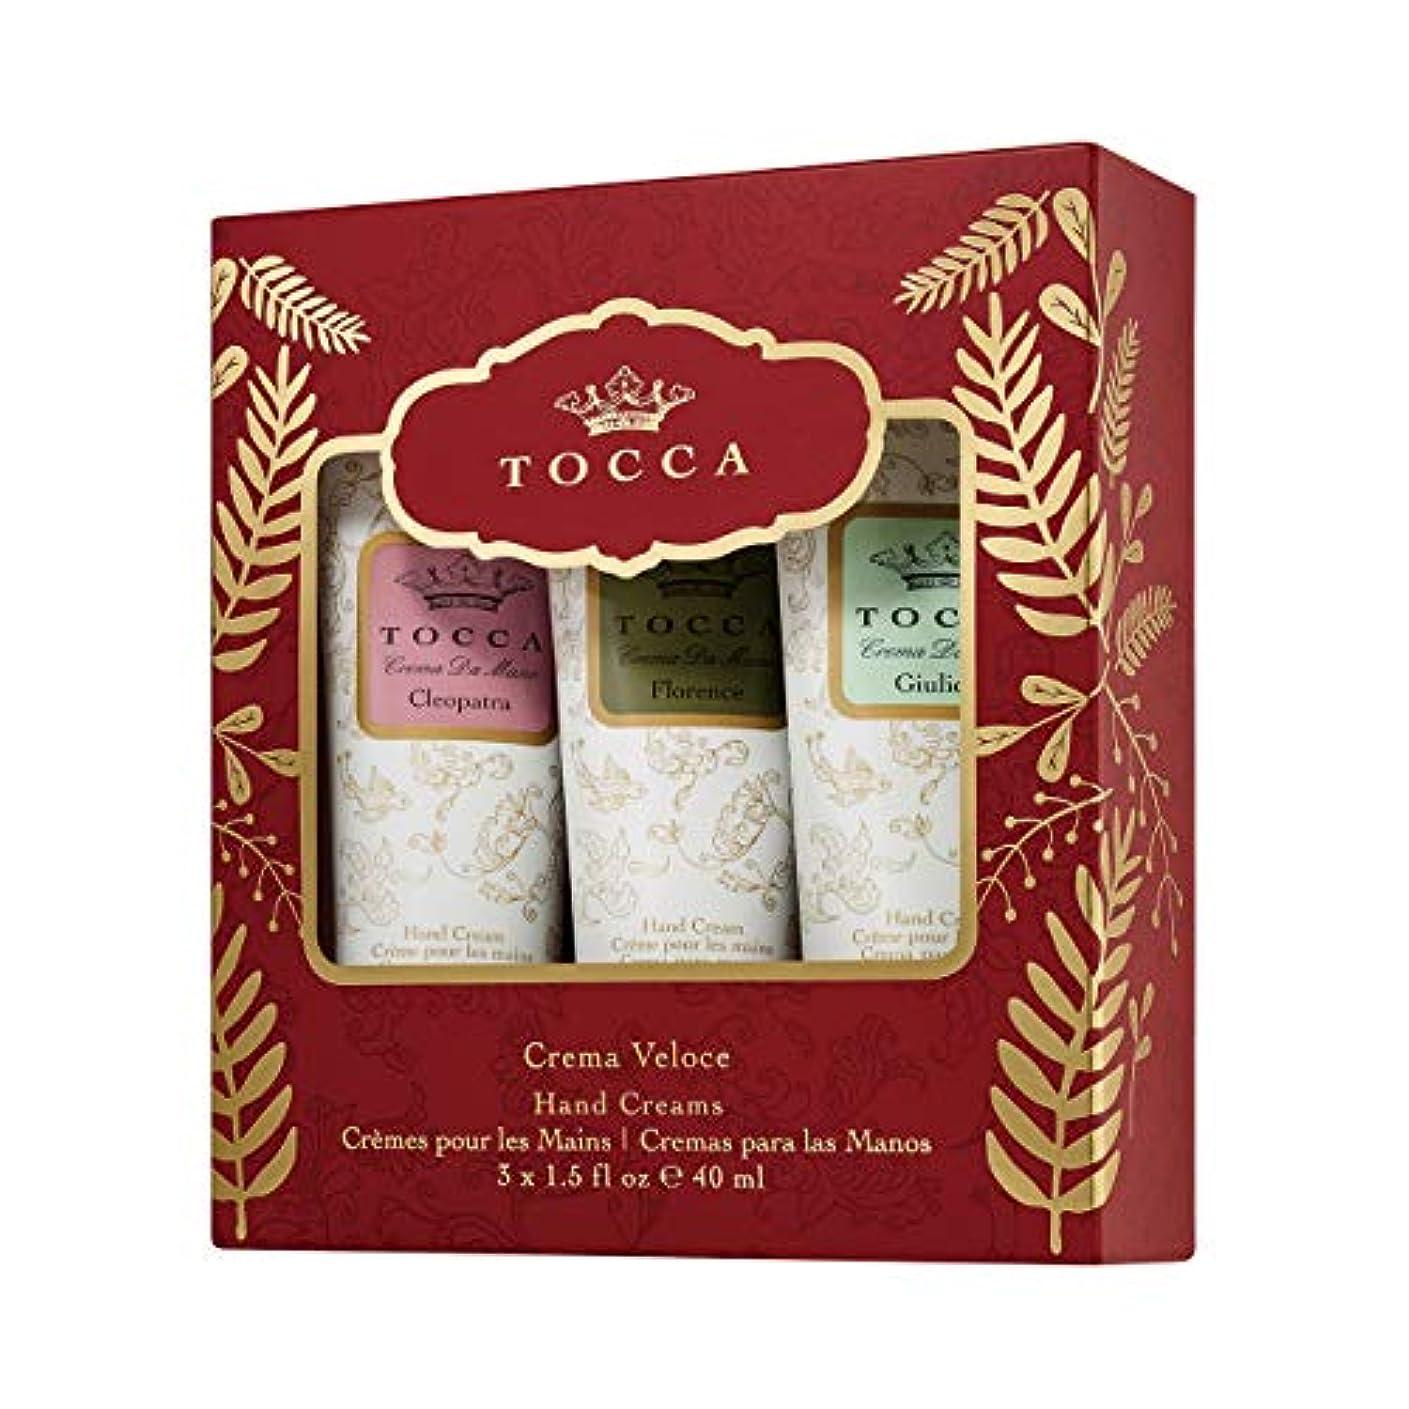 約束するコンパイル接続詞TOCCA クレマヴェローチェパルマ ハンドクリーム3本入った贅沢な贈り物(手指保湿?小分けギフト)